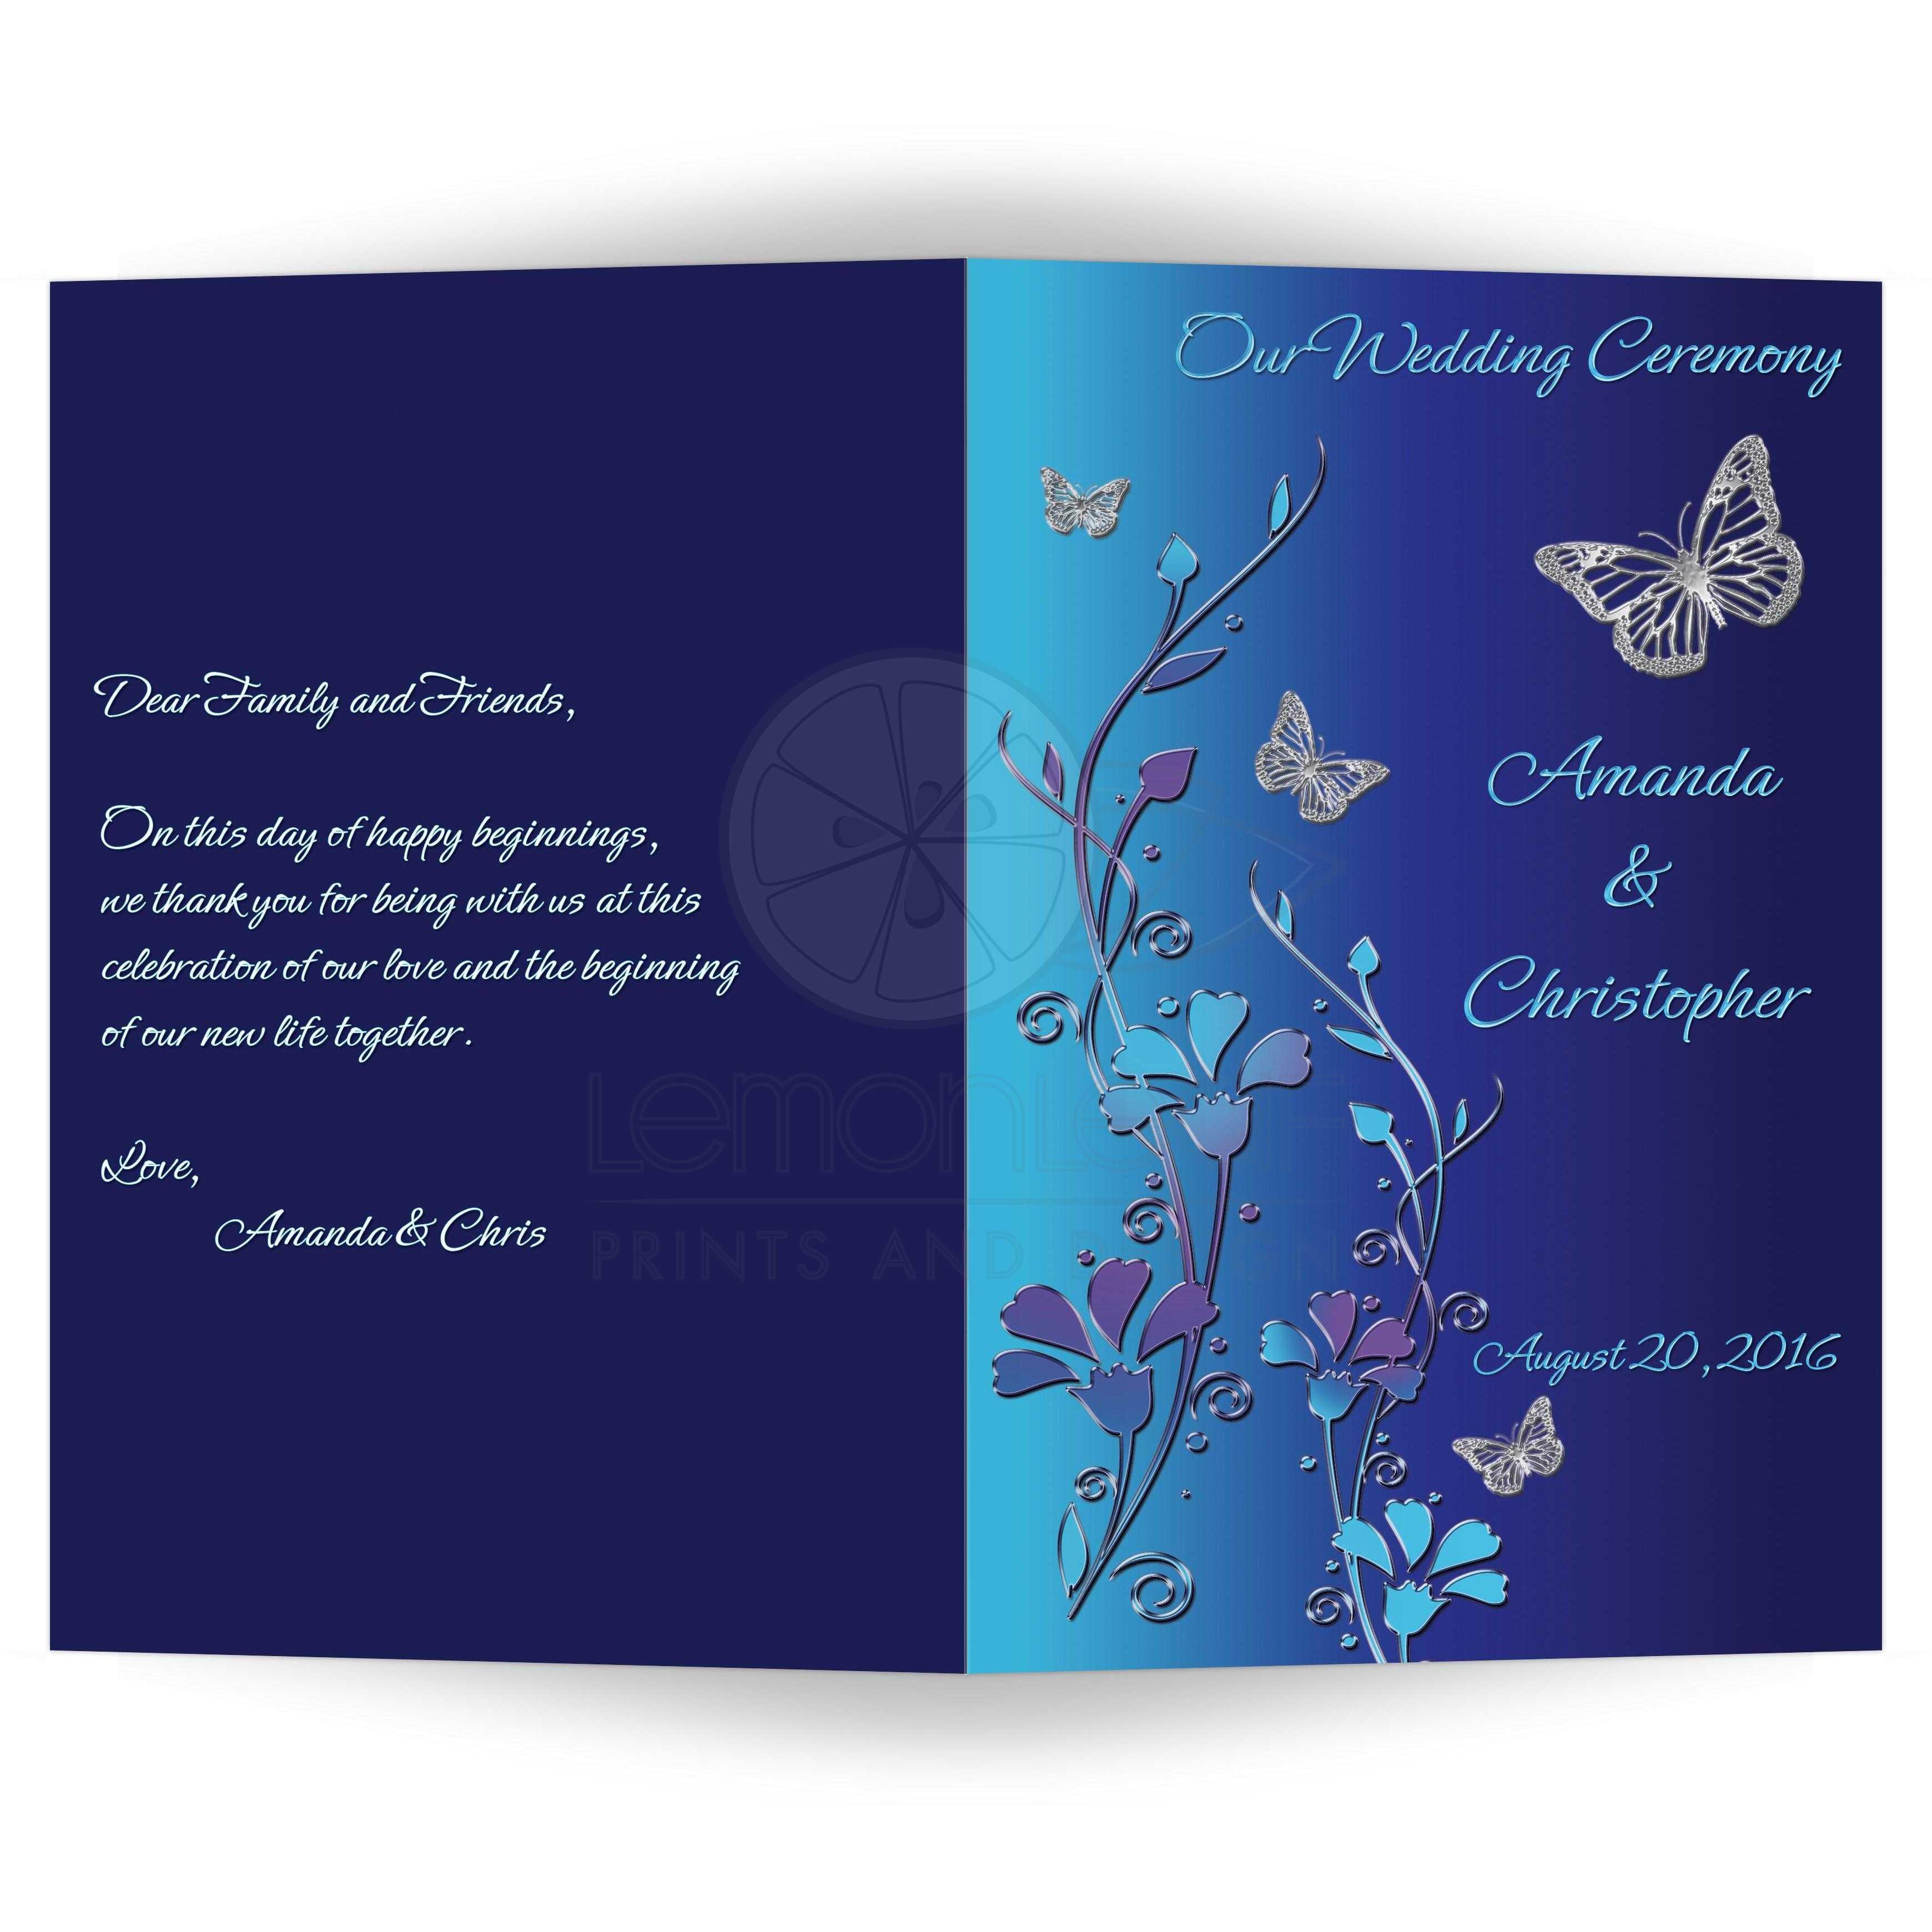 Wedding Program Royal Blue Turquoise Mauve Flowers